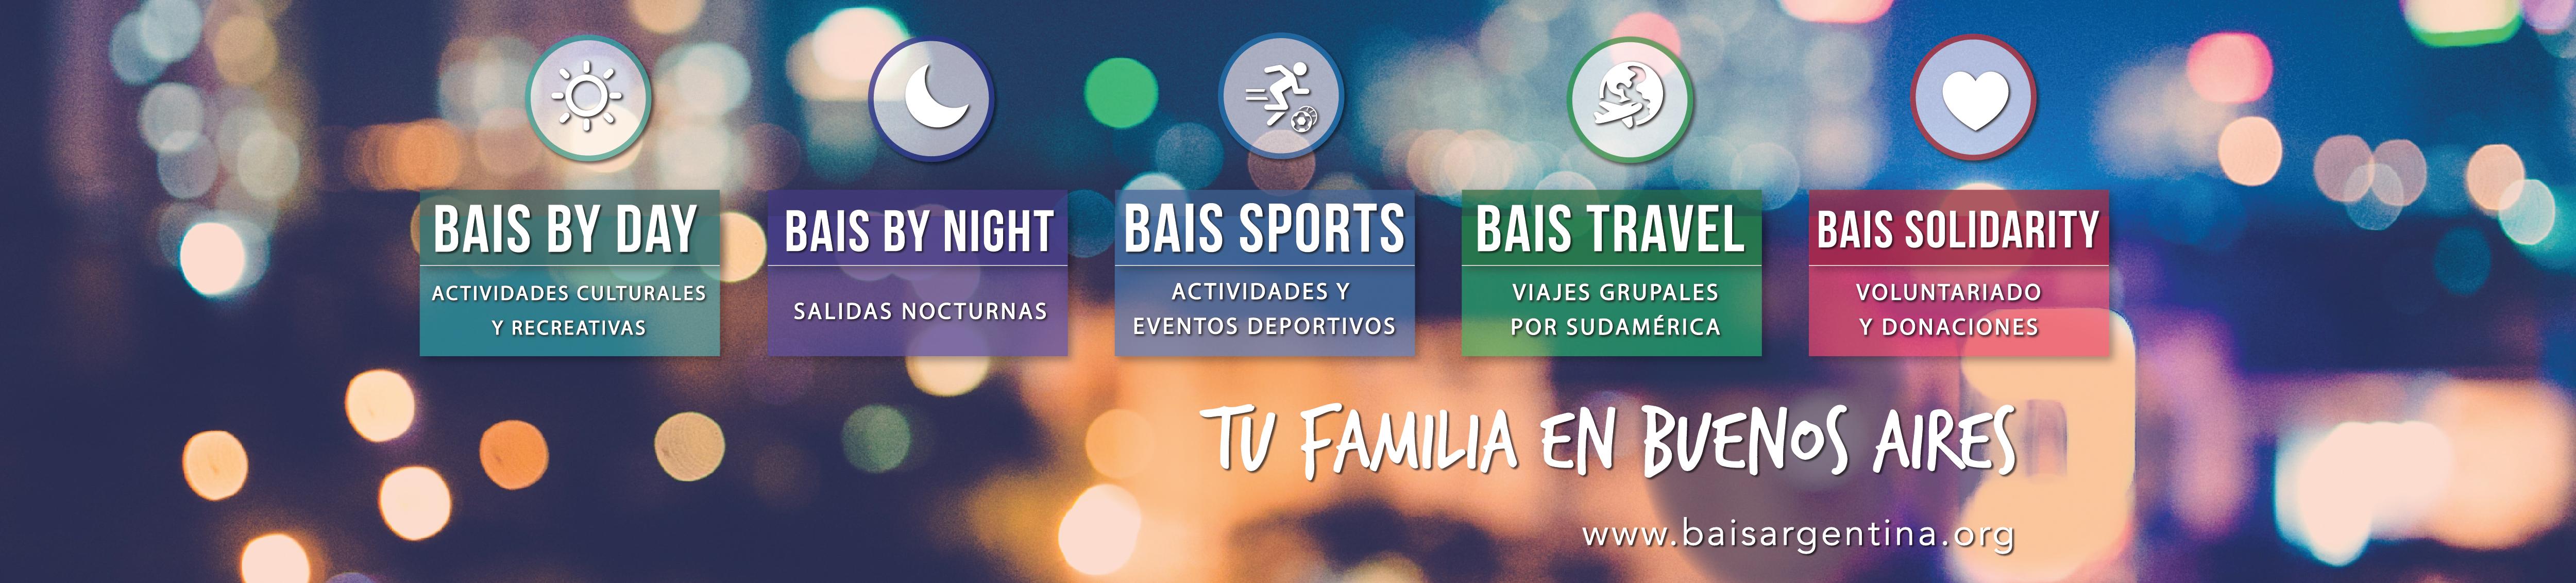 Bais Argentina